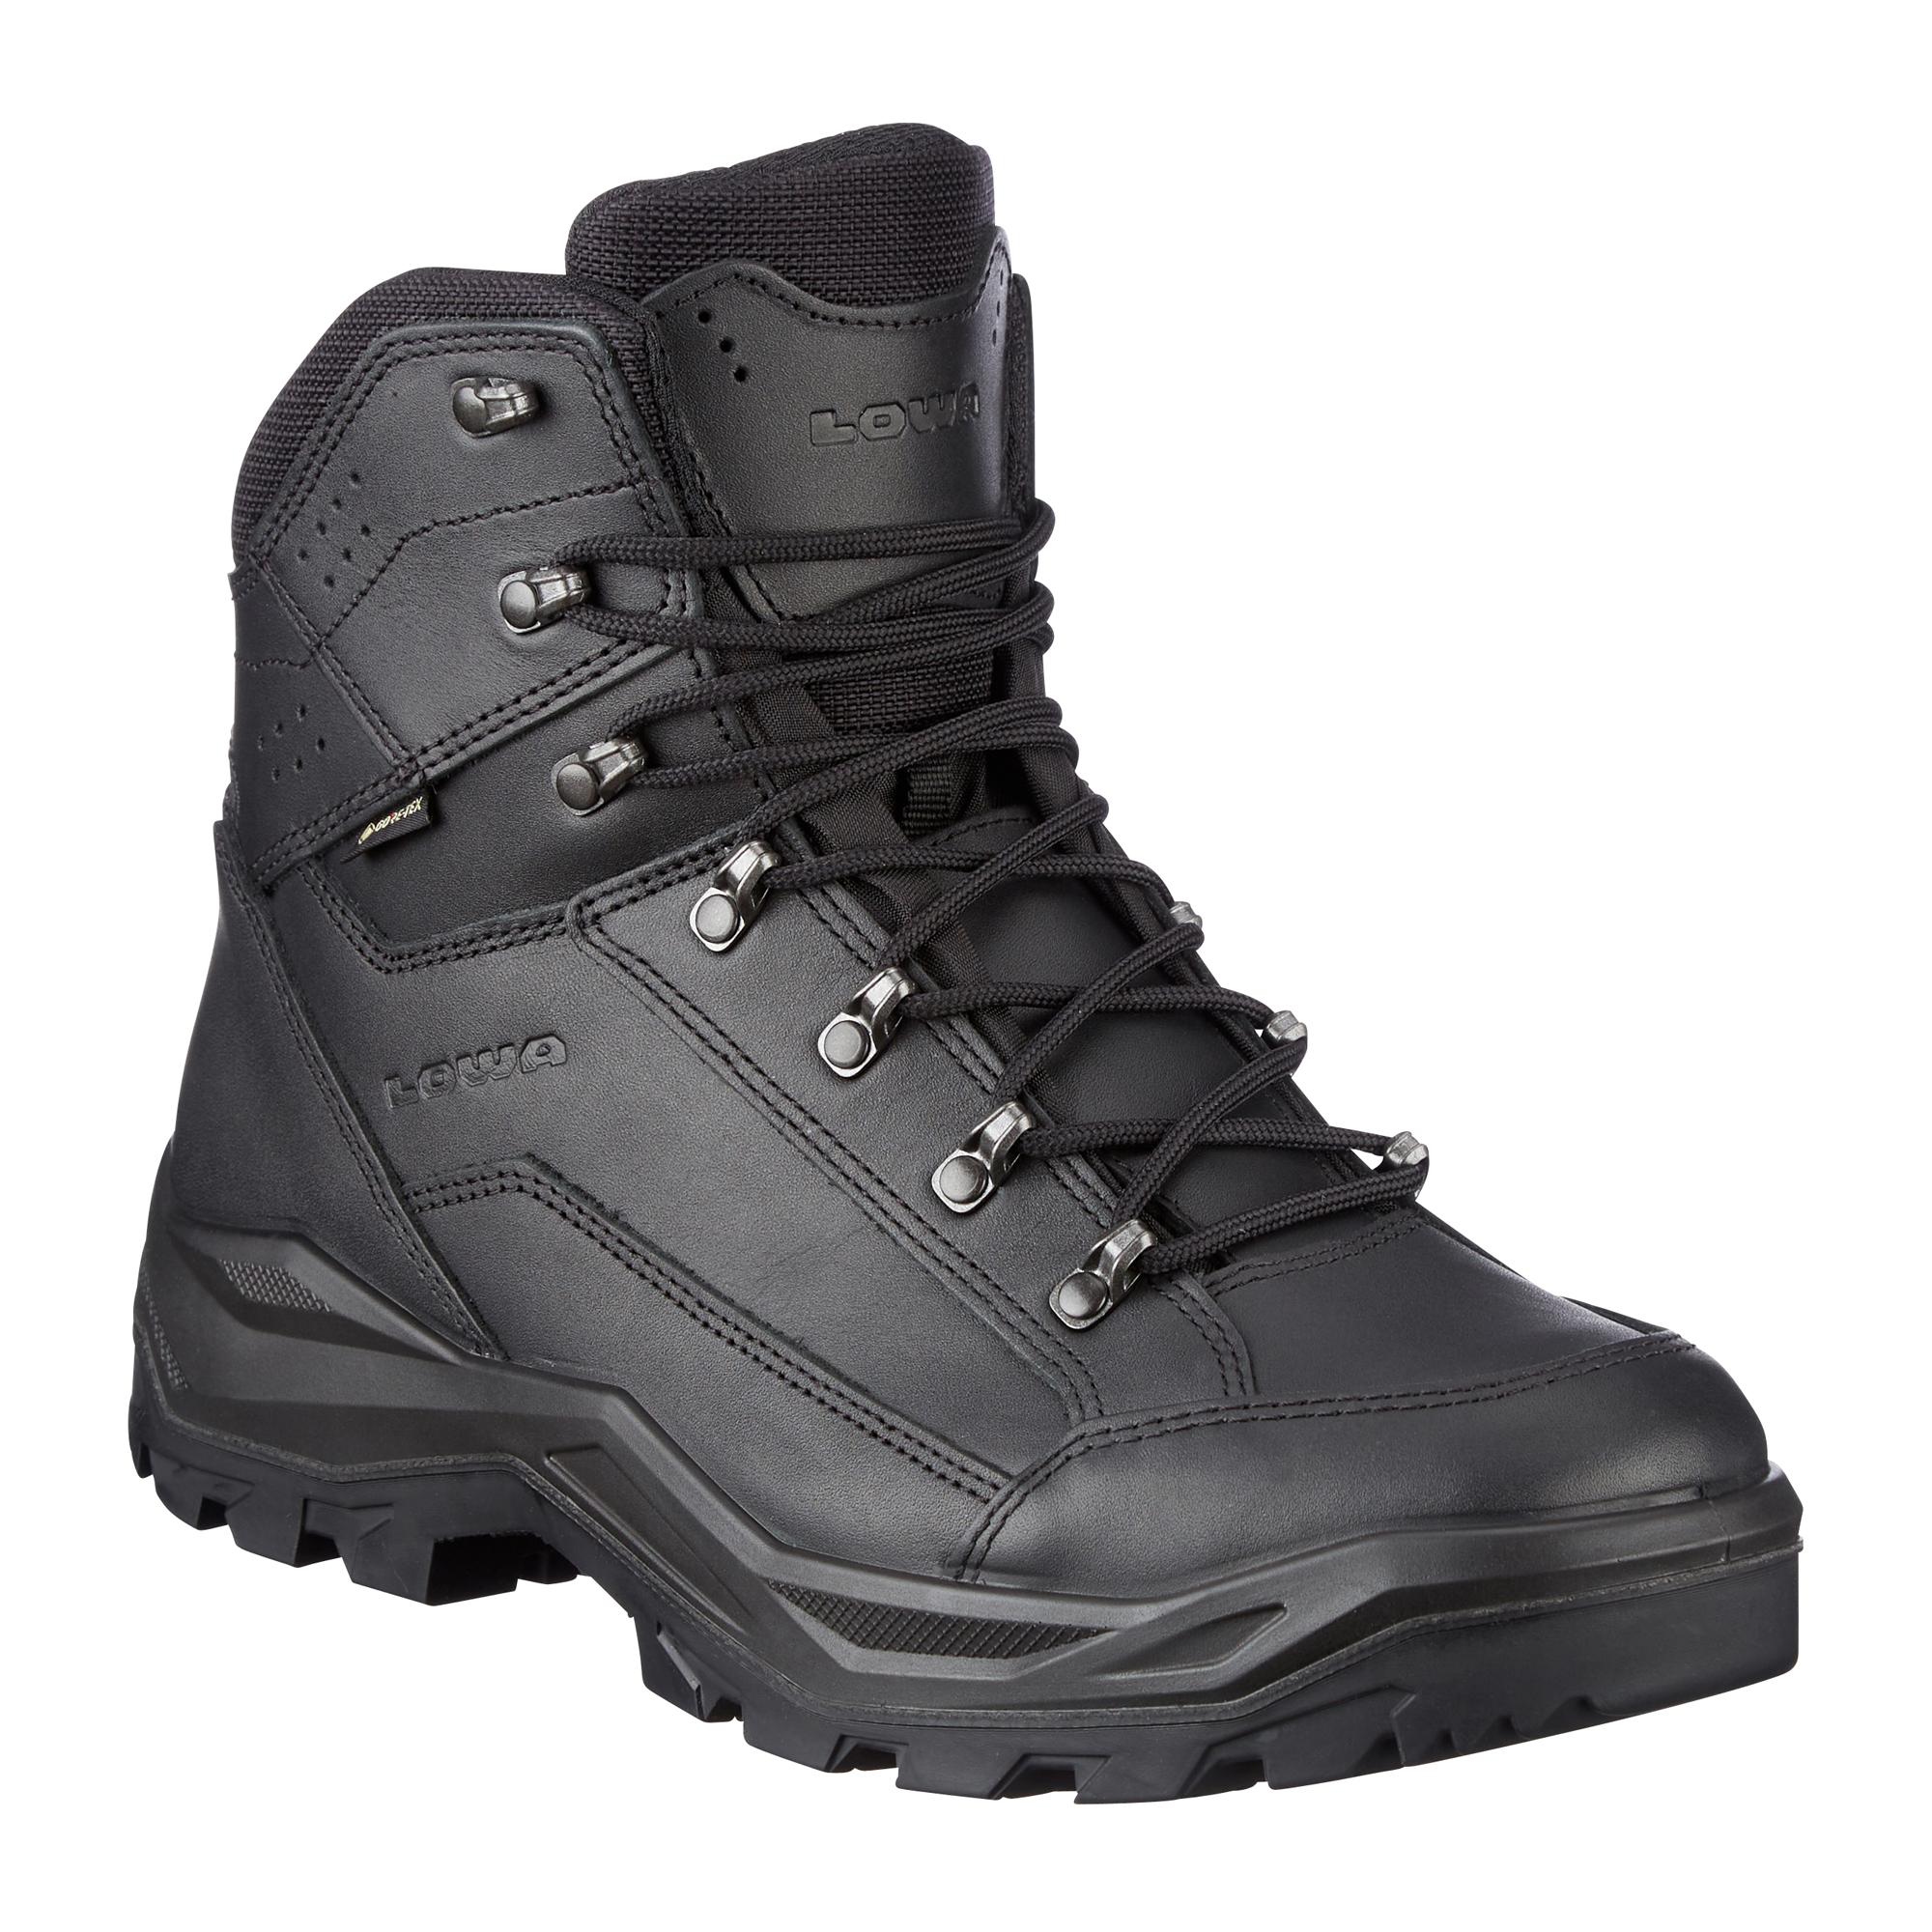 LOWA Schuhe Renegade II GTX MID TF Ws schwarz